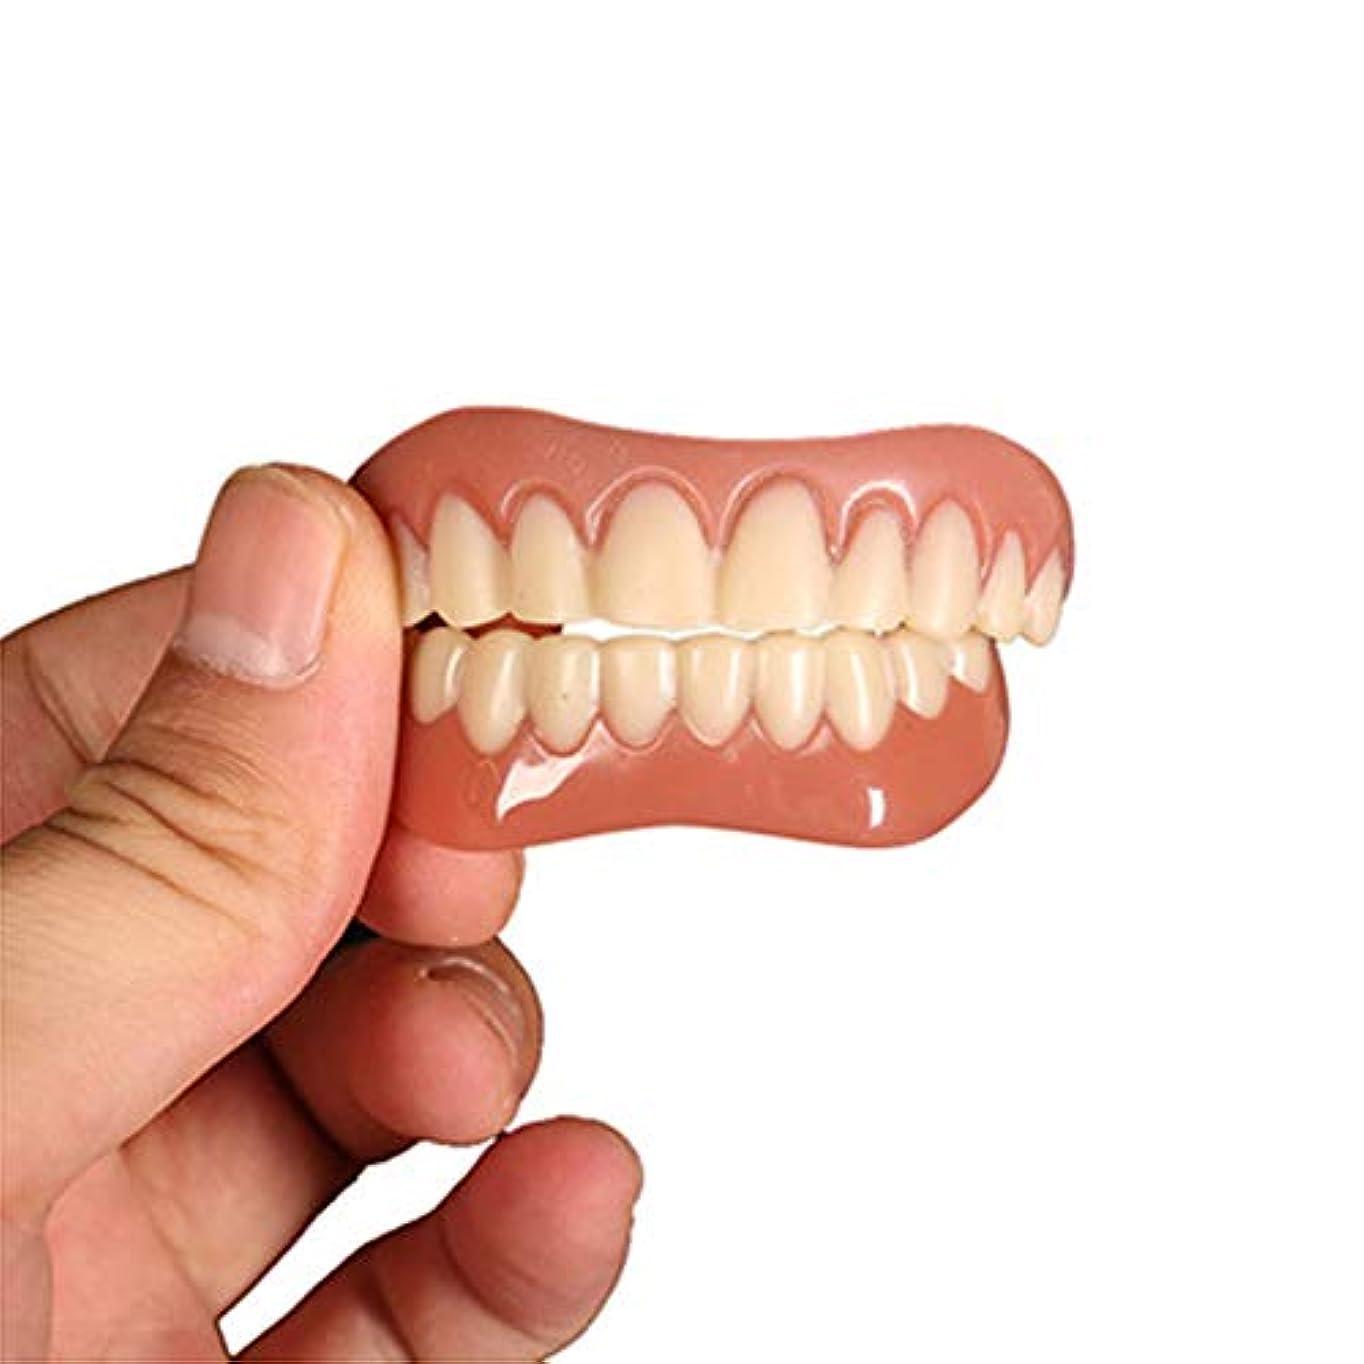 識別困惑する形8セット、化粧品の歯、白い歯をきれいにするための快適さにフィットするフレックス歯のソケット、化粧品の歯義歯の歯のトップ化粧品、